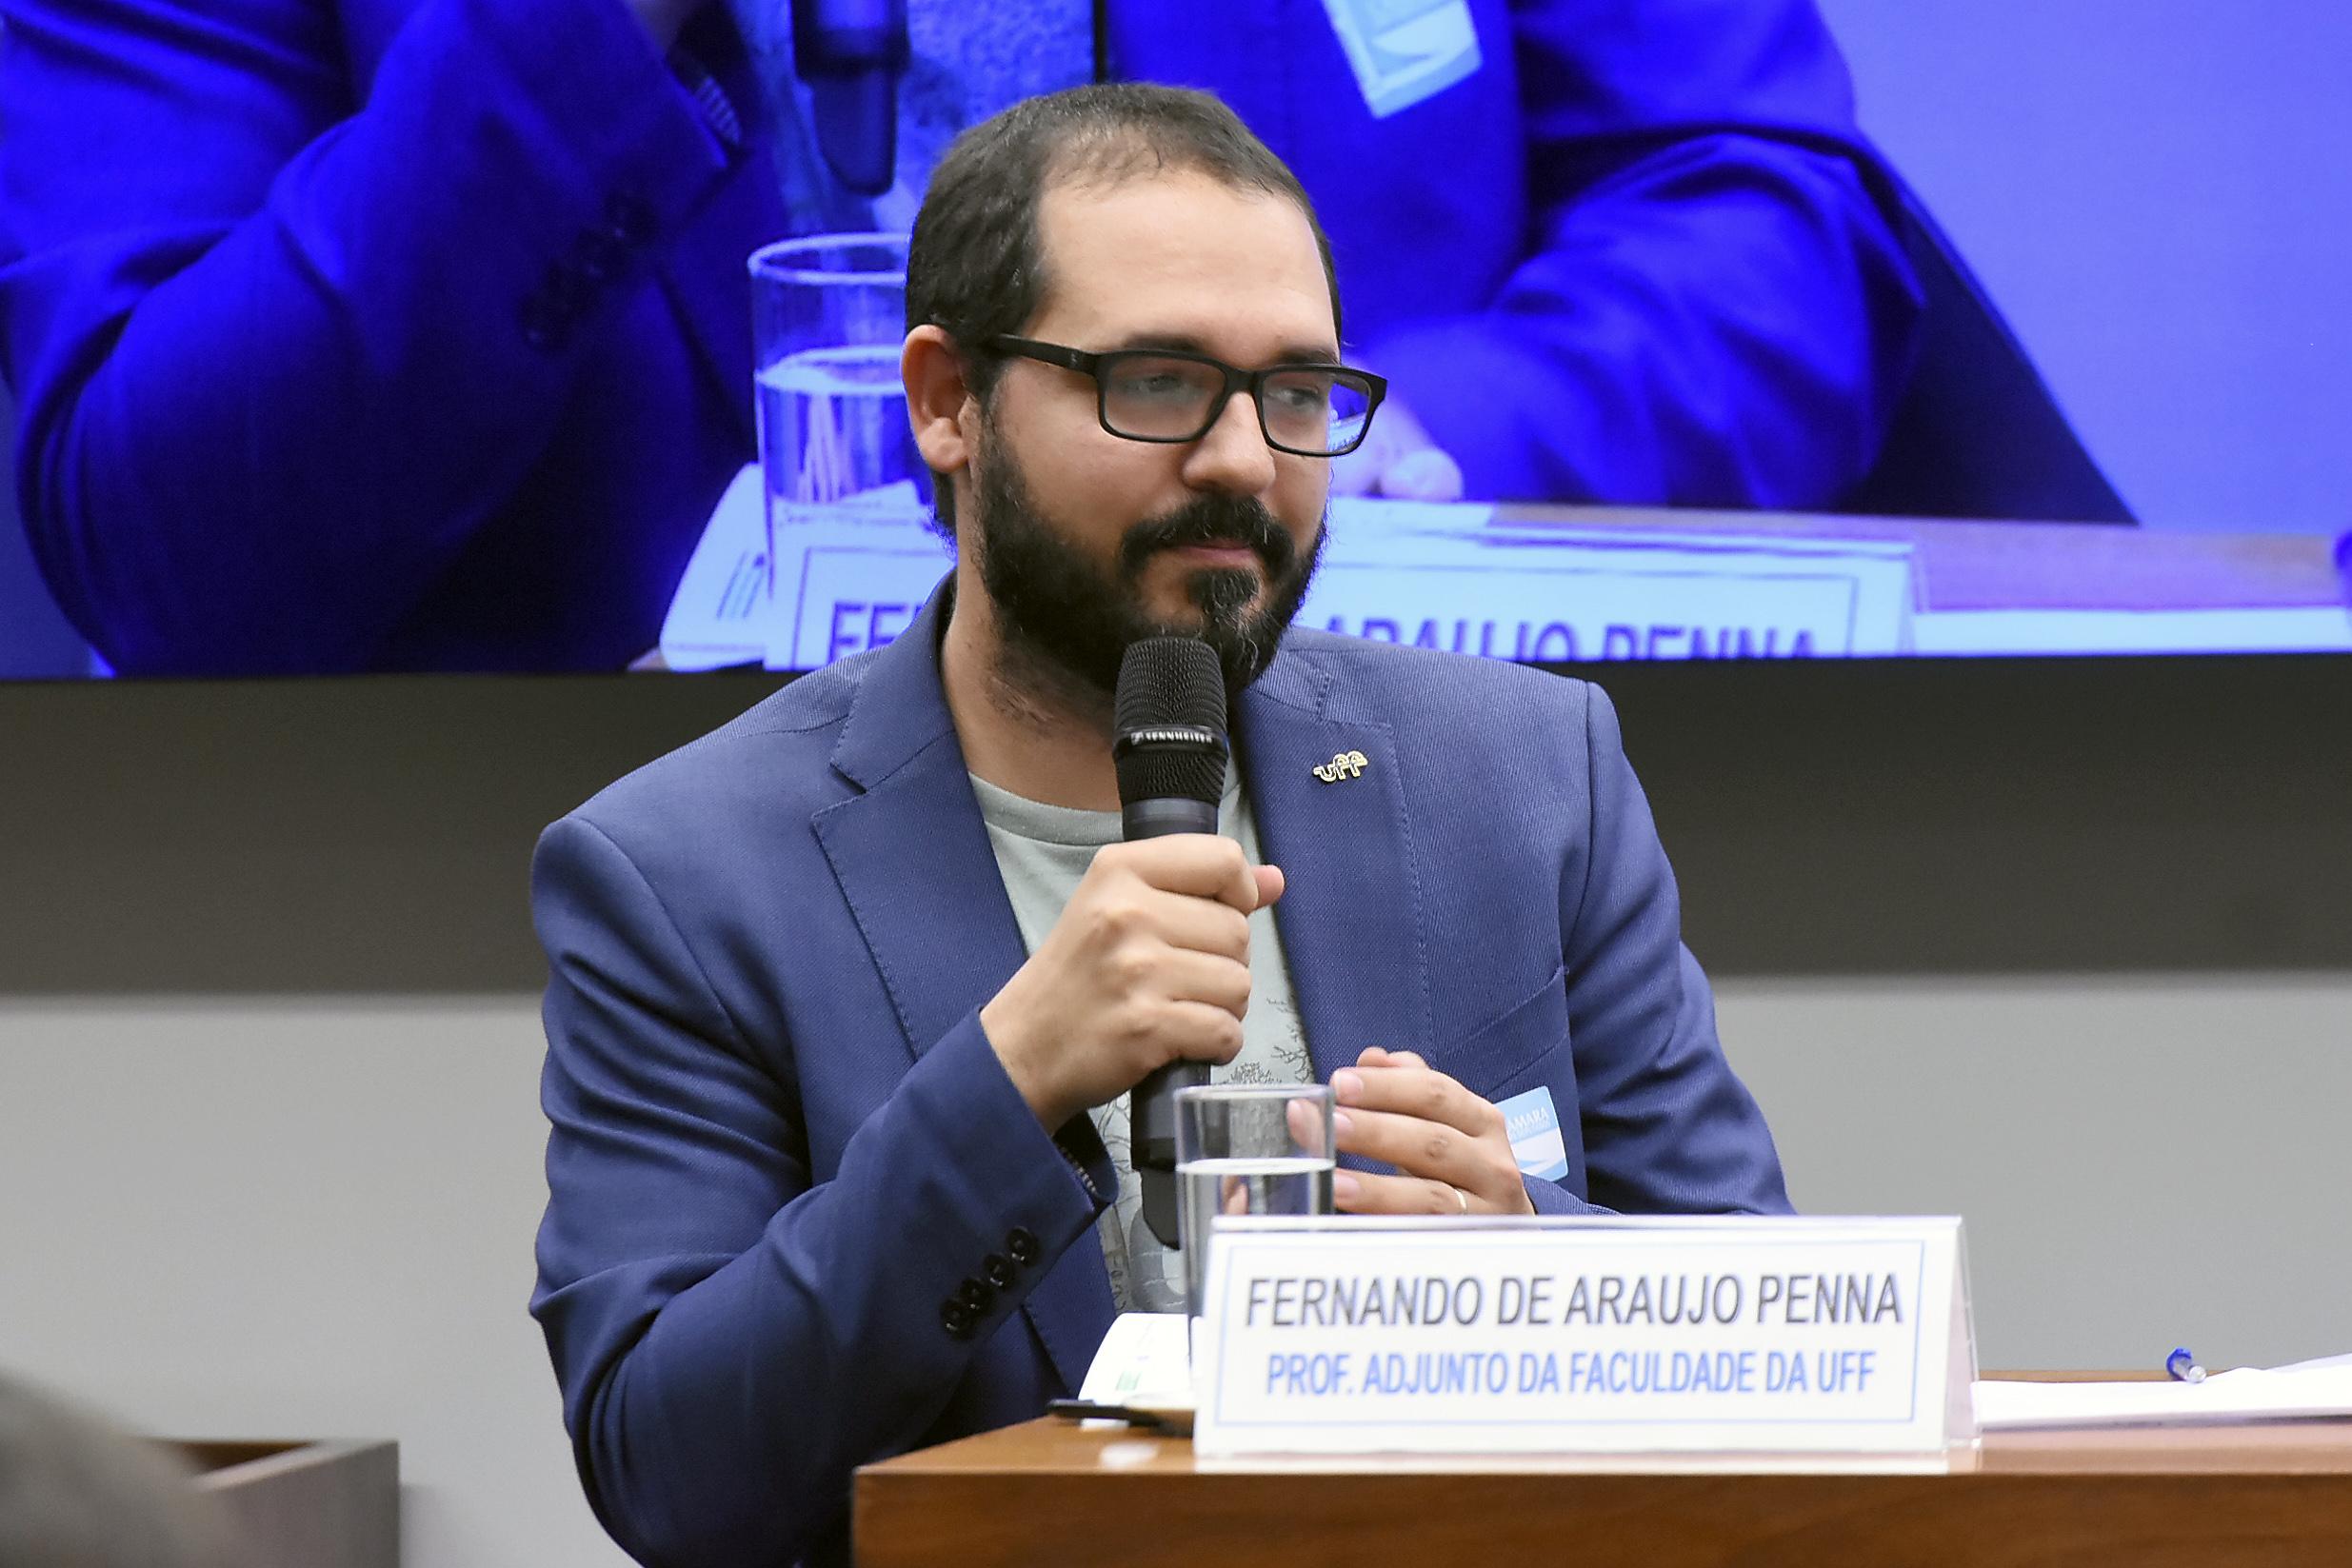 Audiência pública sobre a liberdade de Cátedra. Professor Adjunto da Faculdade de Educação da UFF, Fernando de Araujo Penna